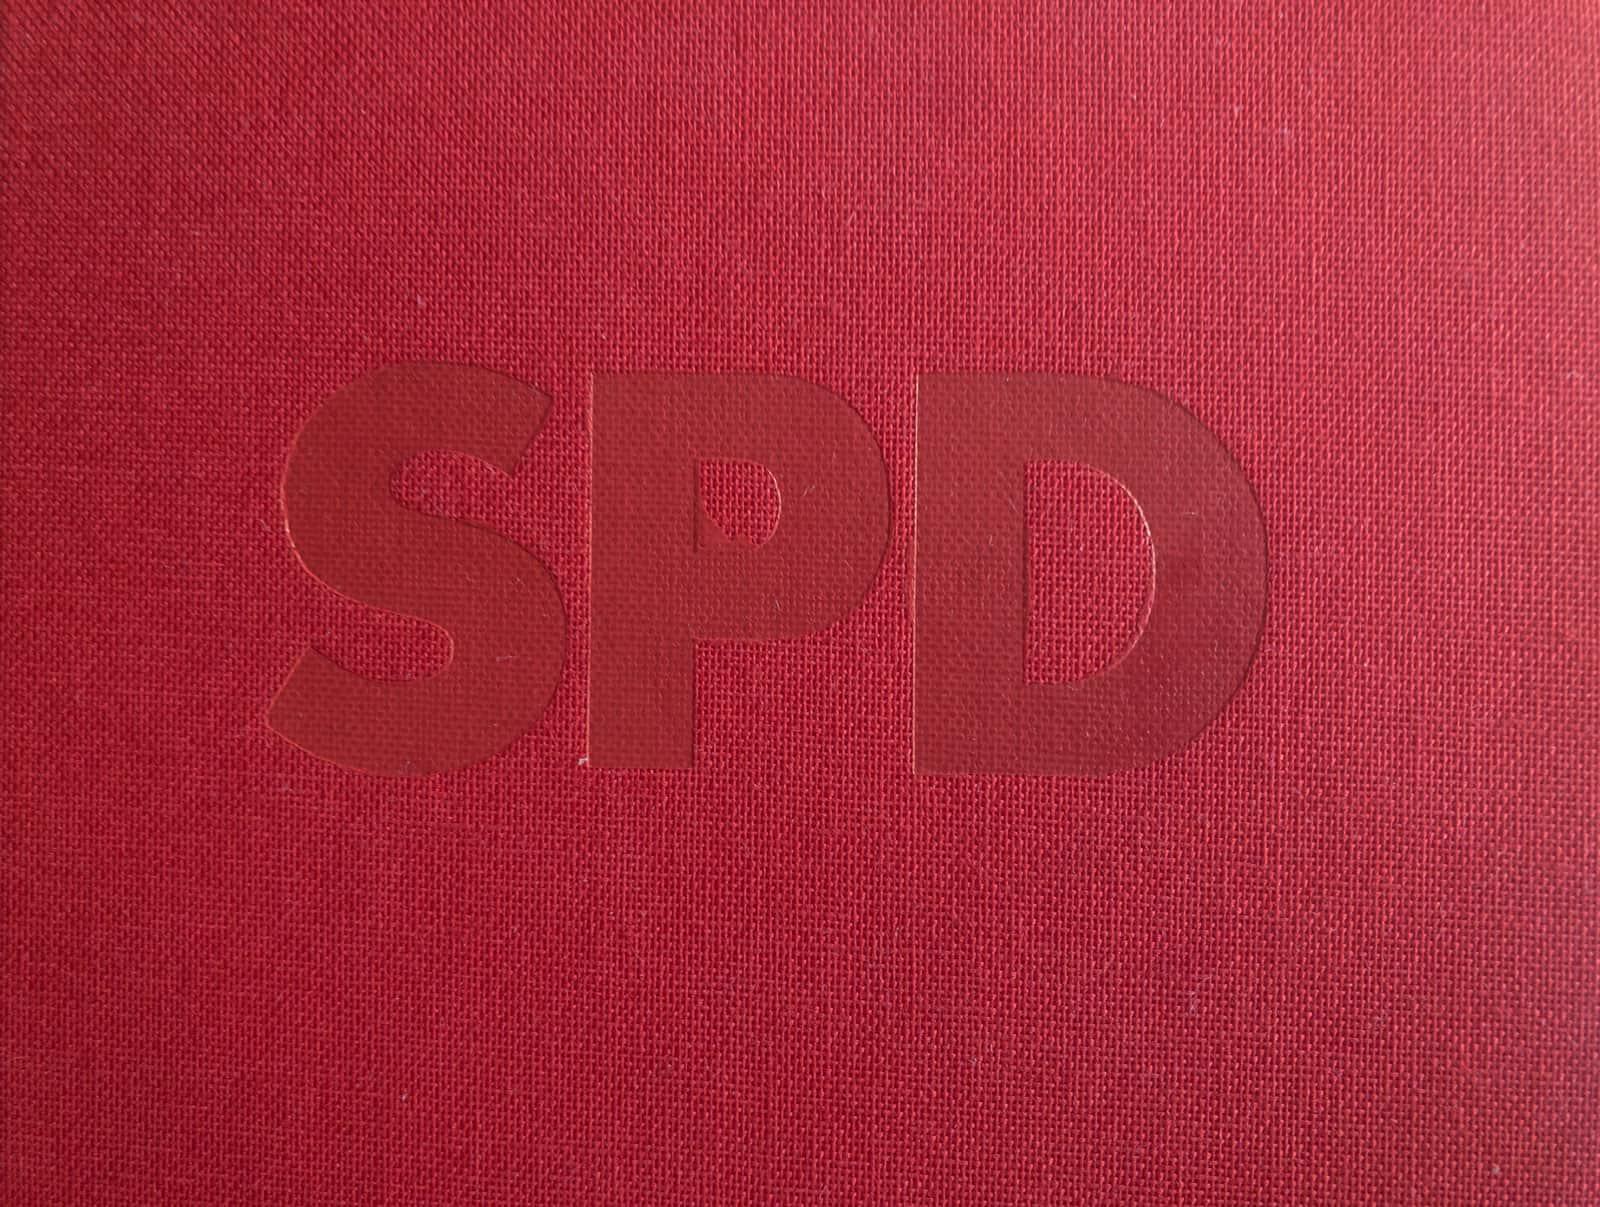 Hans-Jochen Vogel wir der SPD fehlen